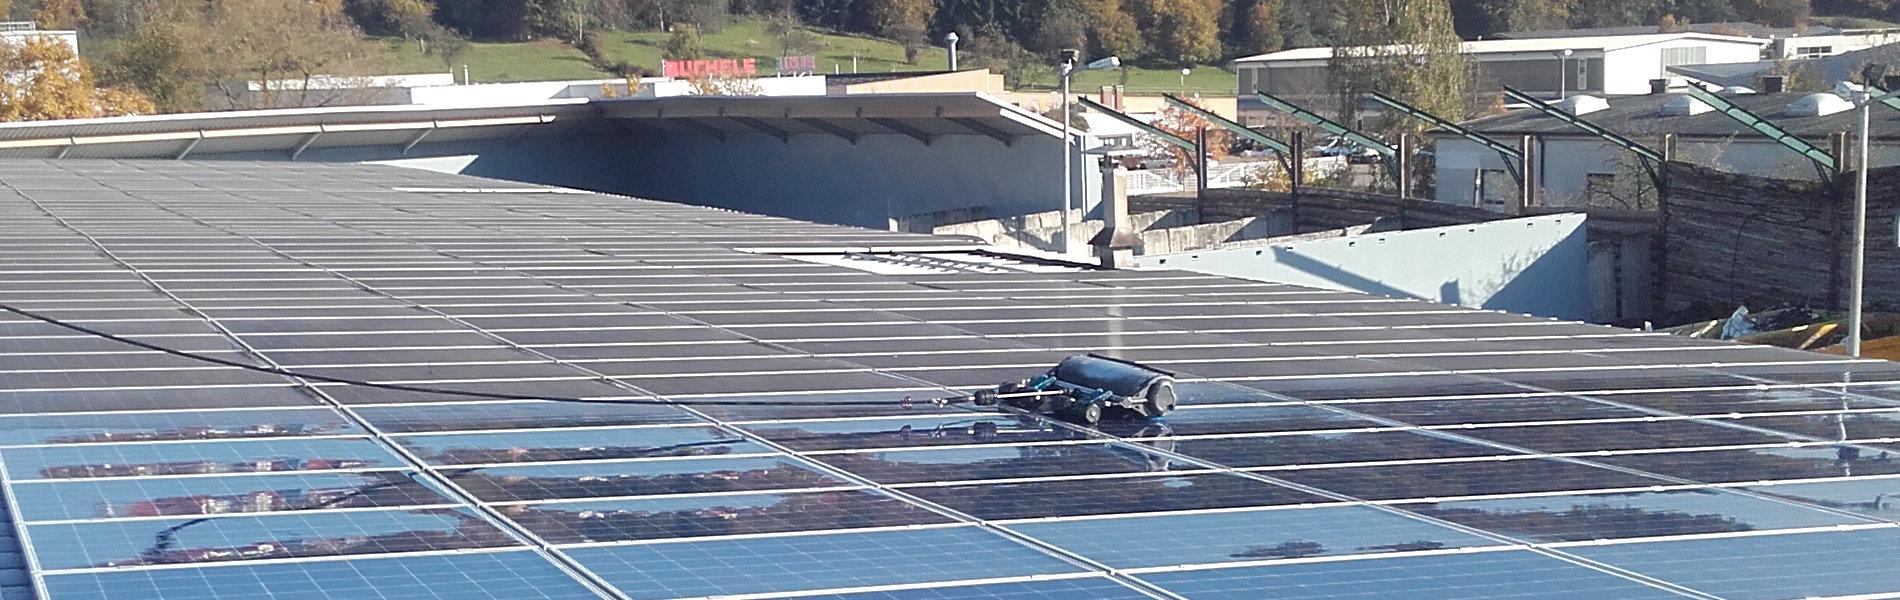 Industriedach flachliegende Photovoltaikanlage mit Bürste